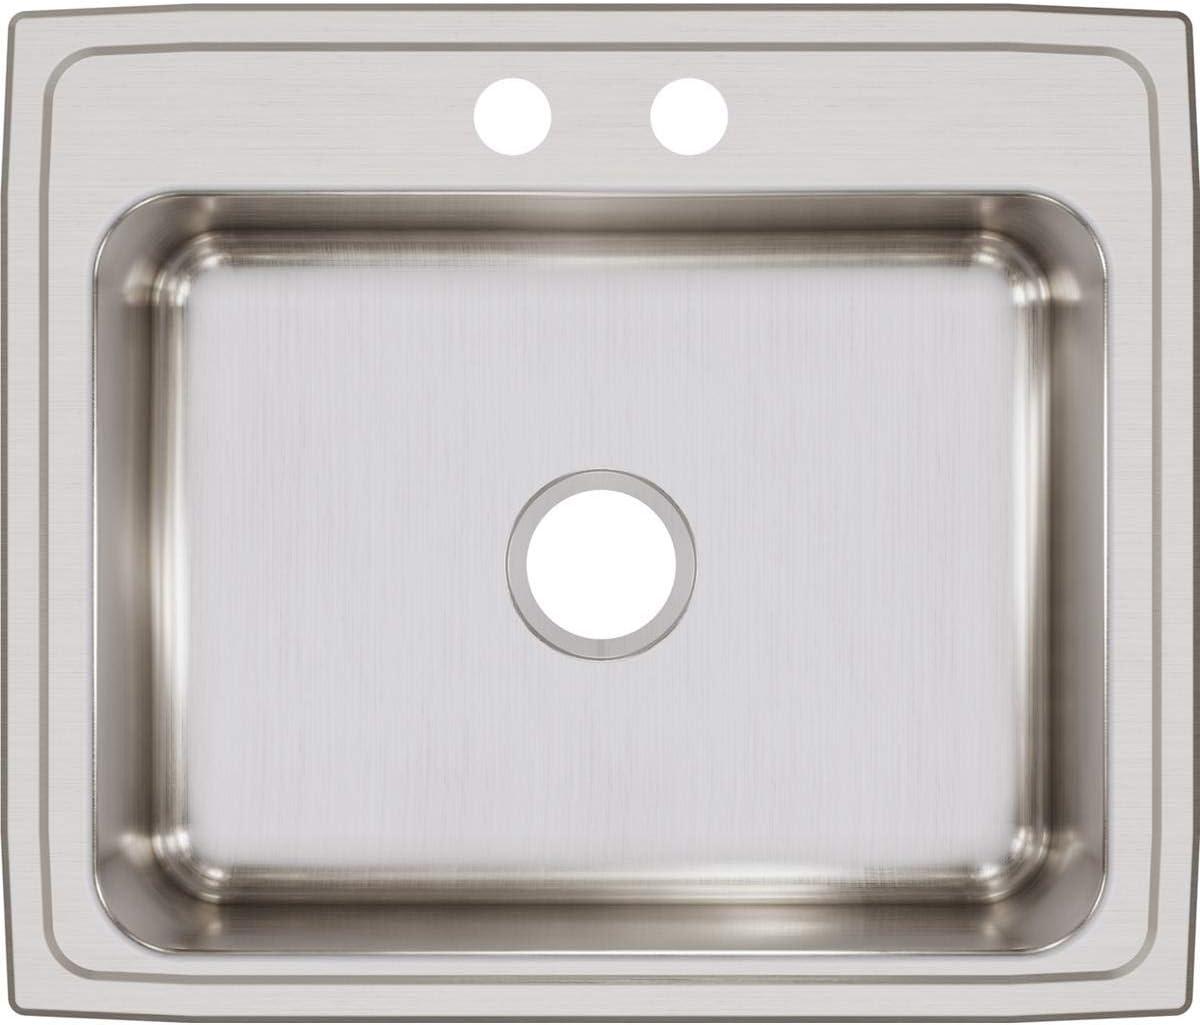 Elkay Lustertone LR25212 Single Bowl Top Mount Stainless Steel Sink